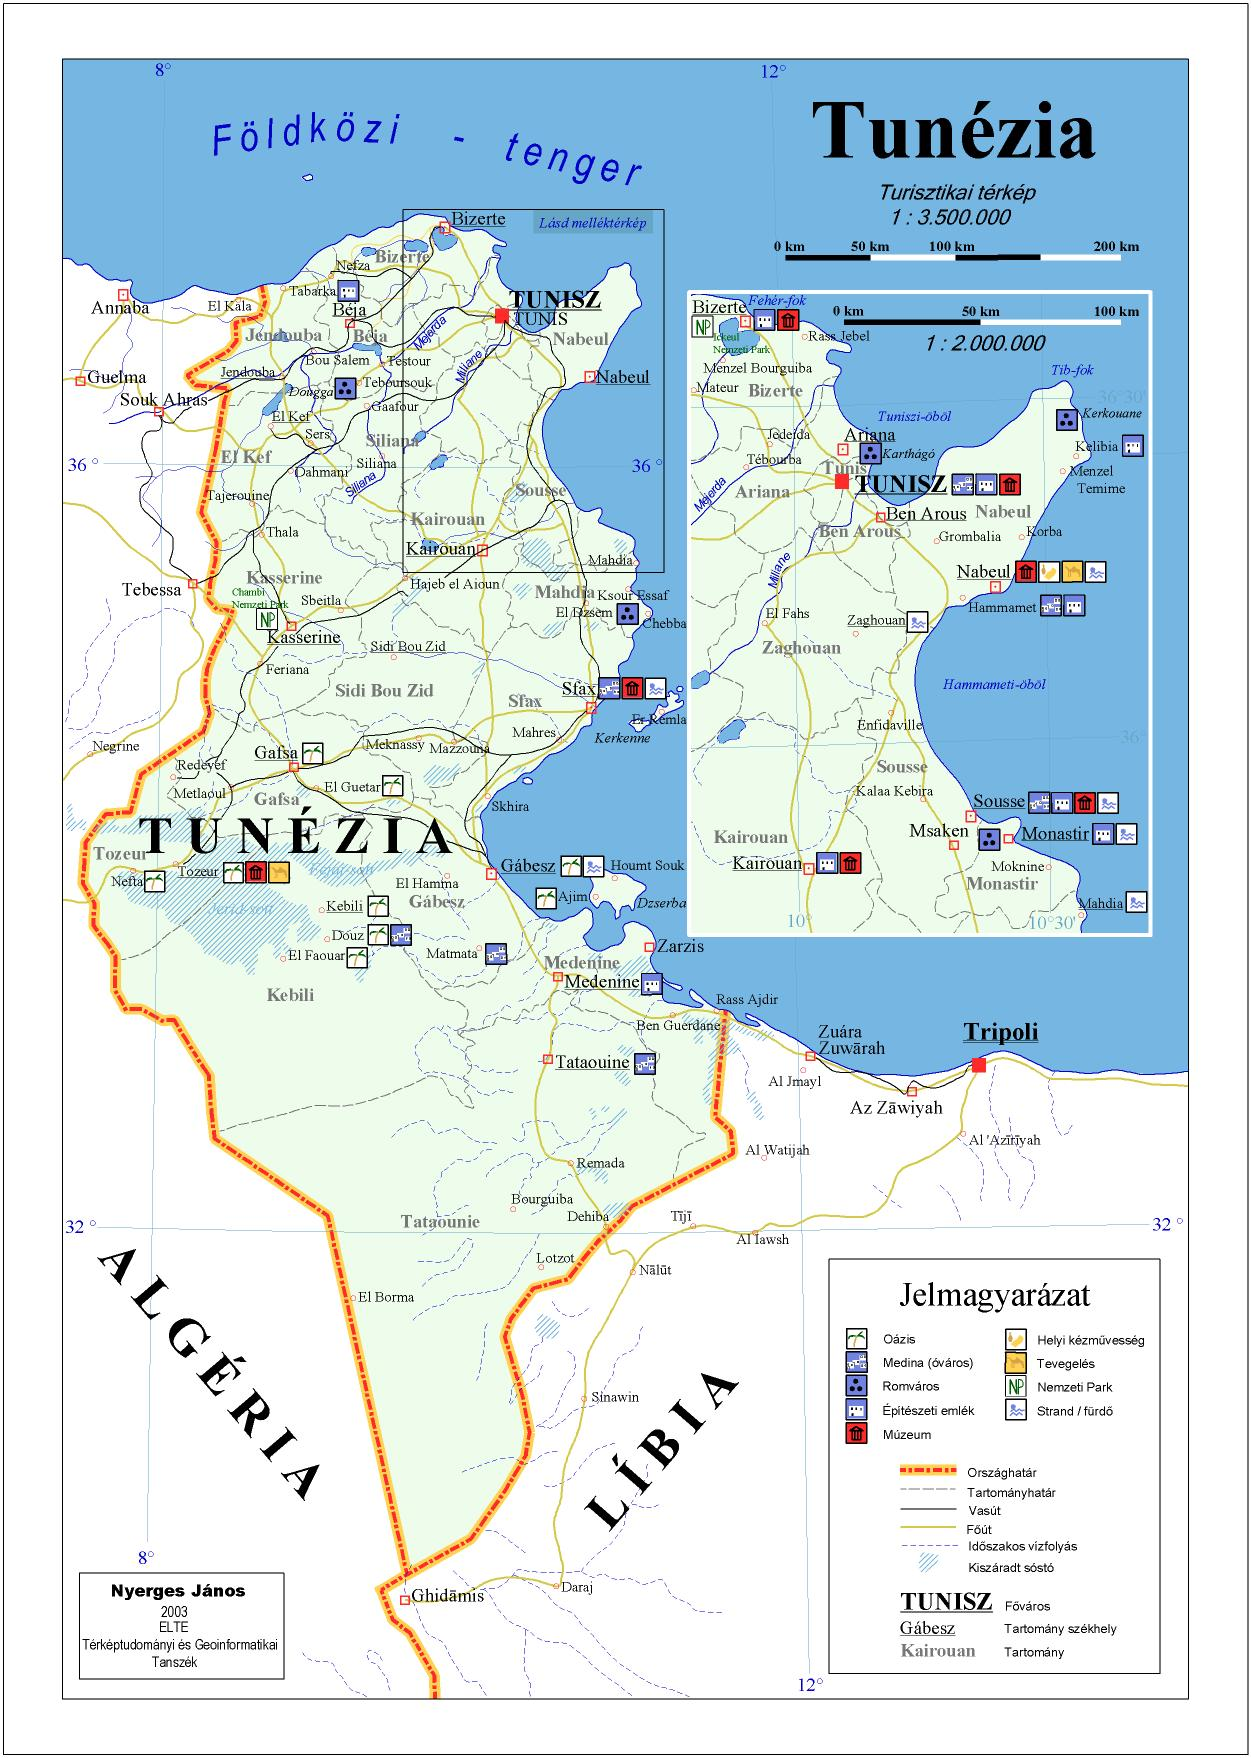 tunézia térkép Térkép: Tunézia utazási térkép (kép)